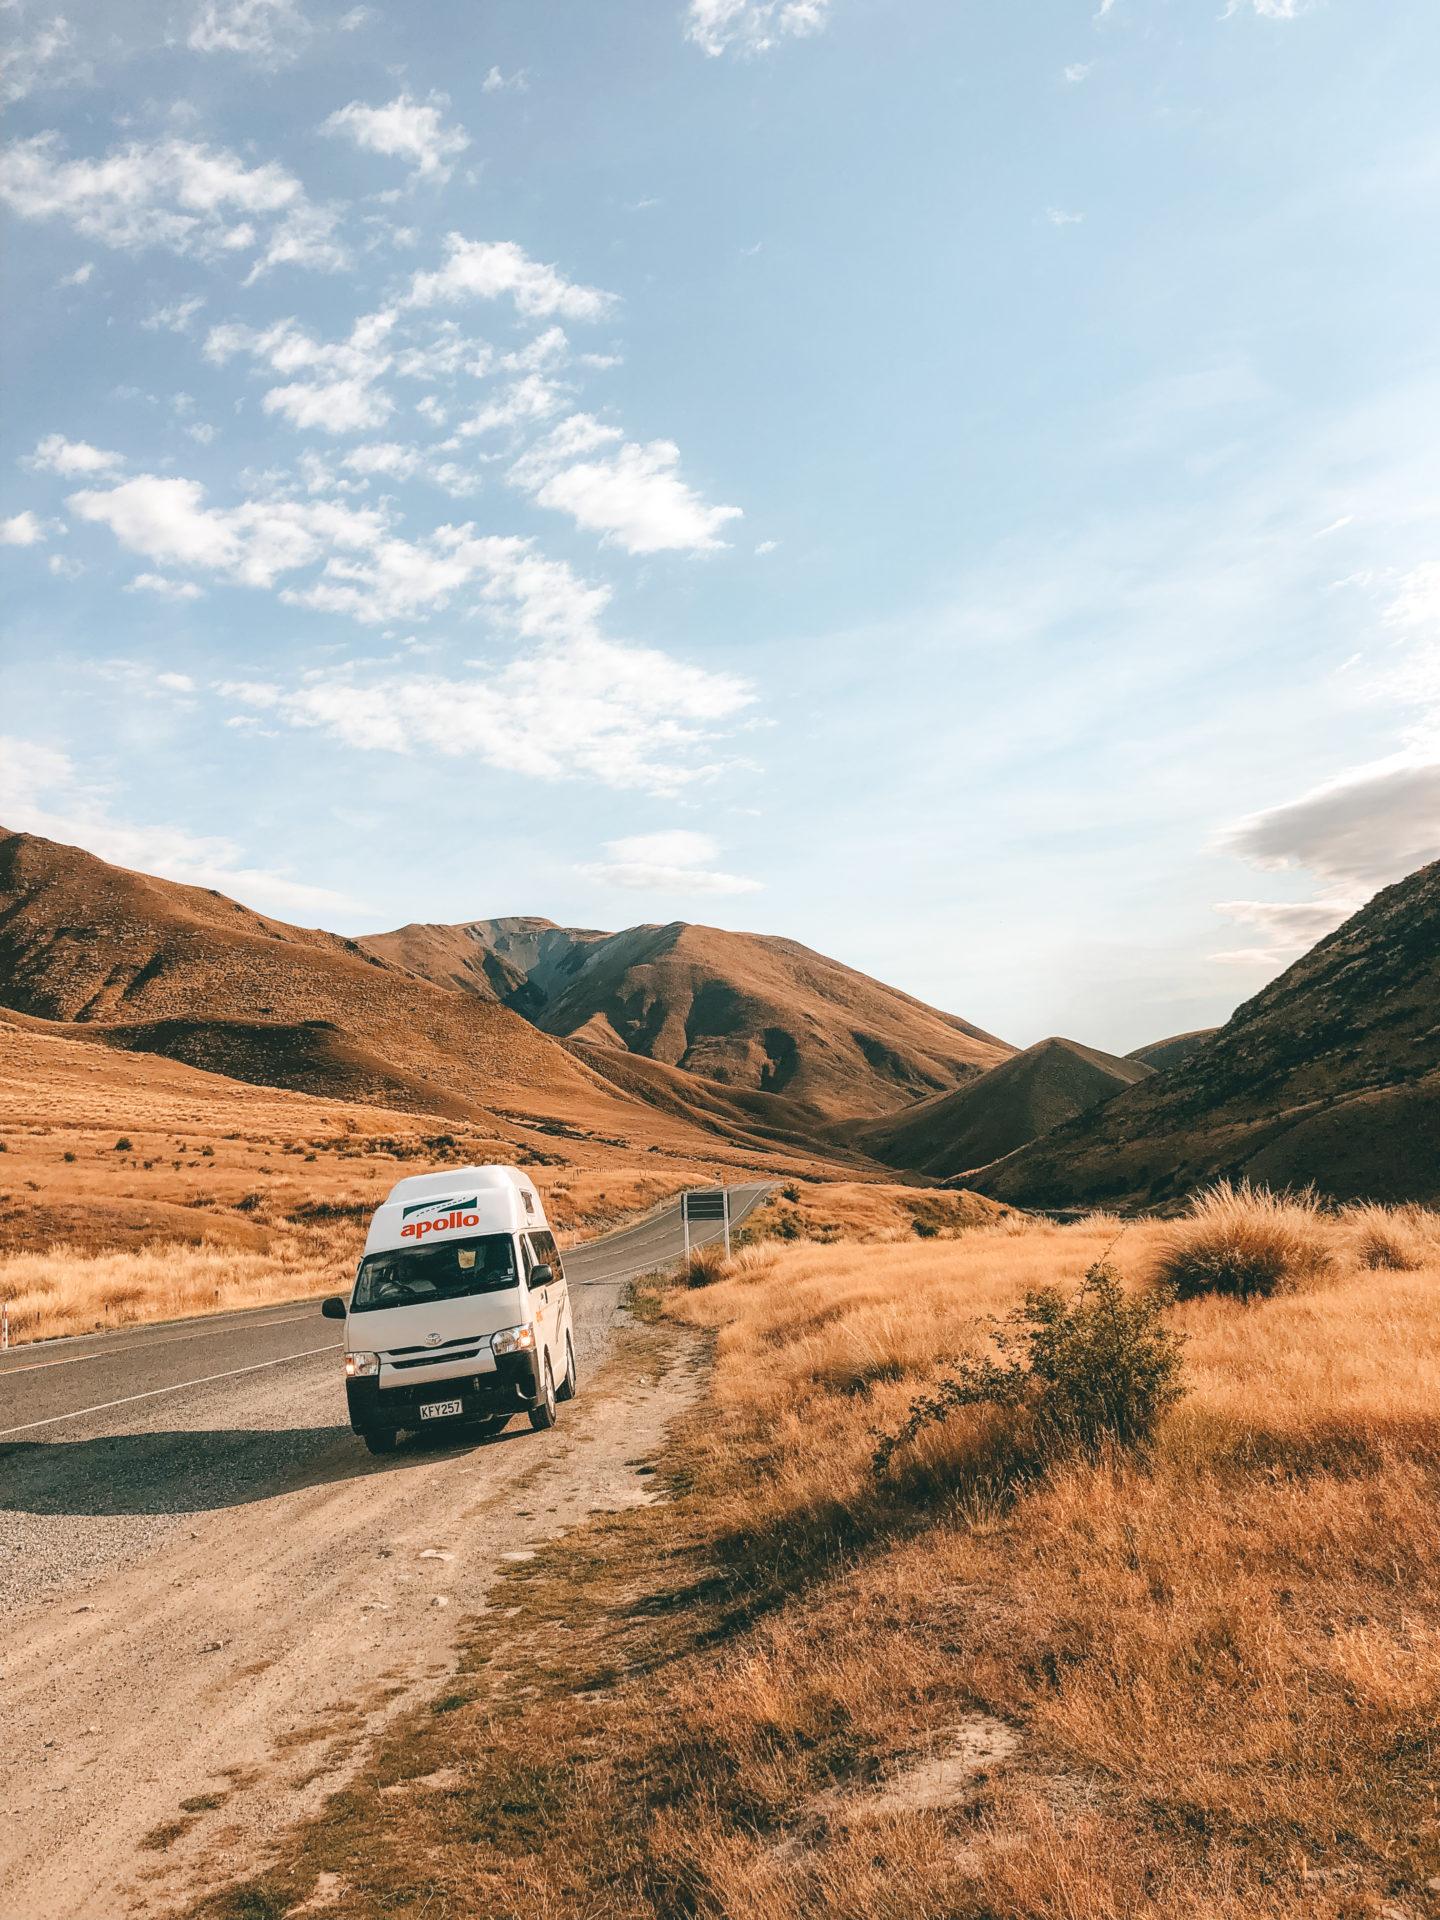 Apollo Nouvelle-Zélande - Blondie Baby blog voyages et mode